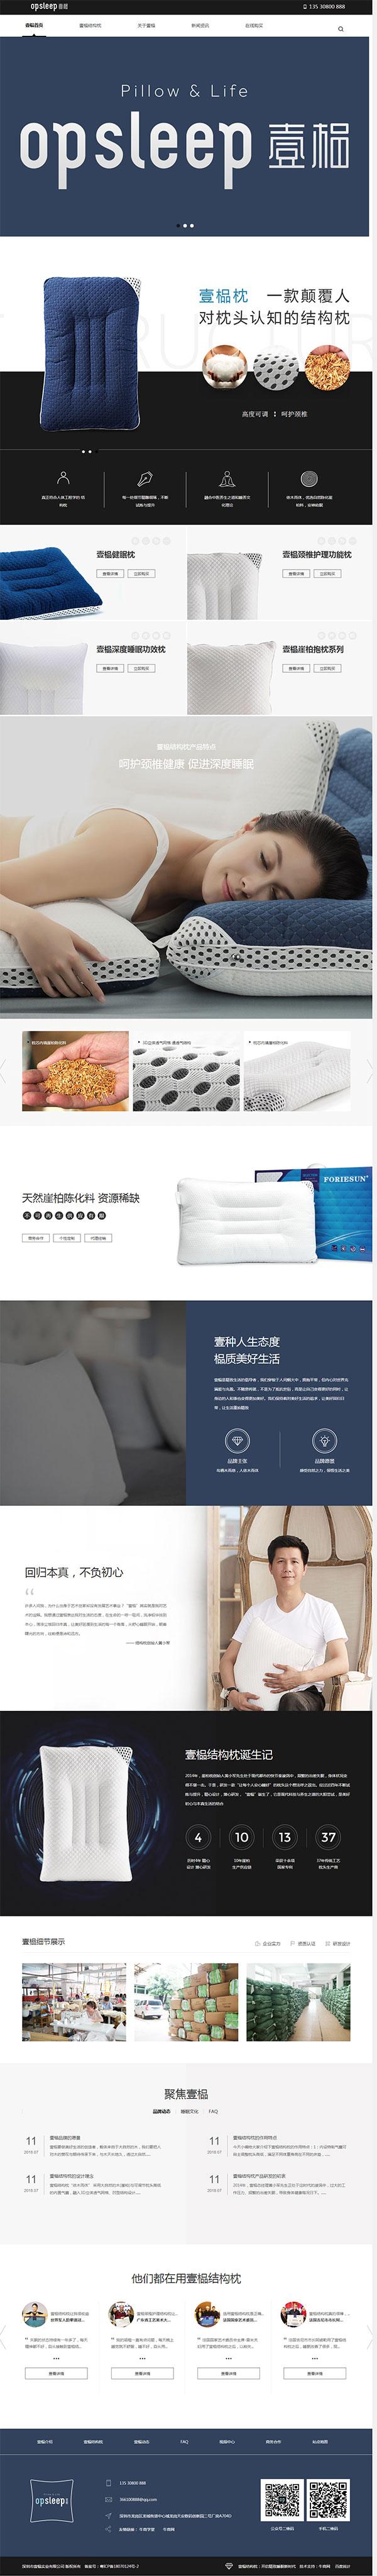 壹榀枕-营销型新会员白菜网送体验金页面